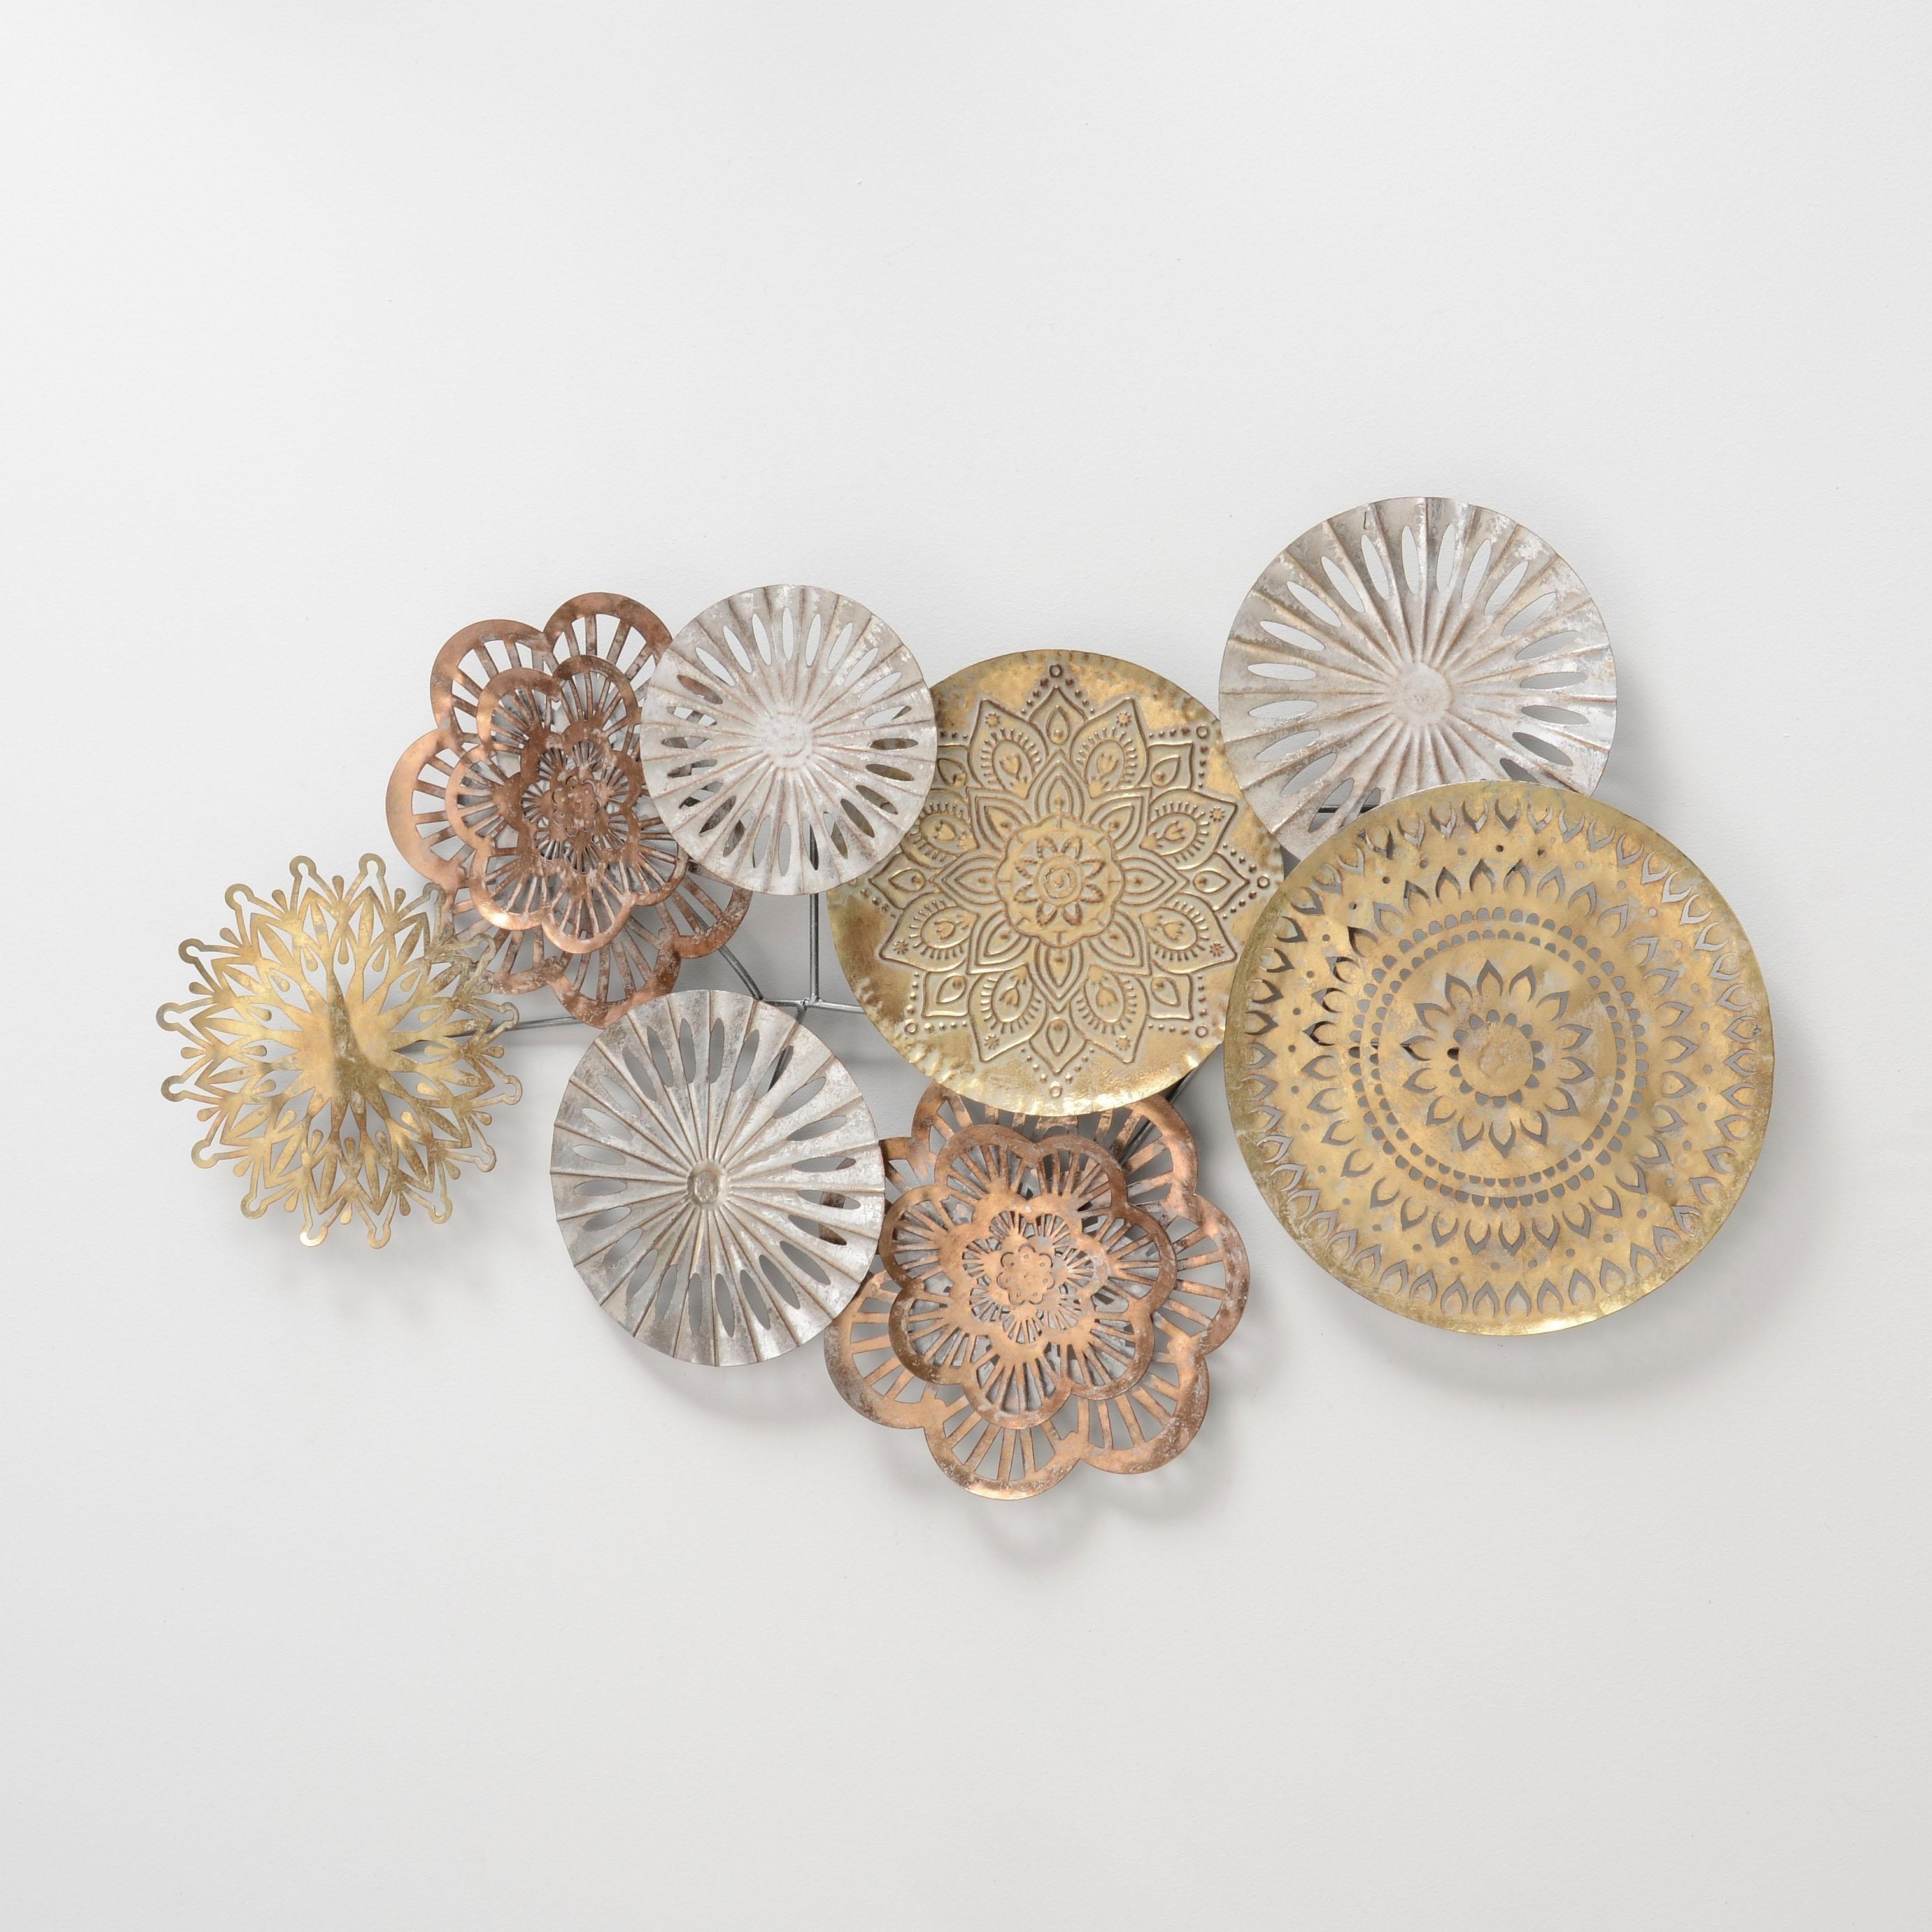 Home affaire sierobject voor aan de wand Cavallo Wanddecoratie, wanddecoratie, van metaal, bestaand uit 8 elementen voordelig en veilig online kopen